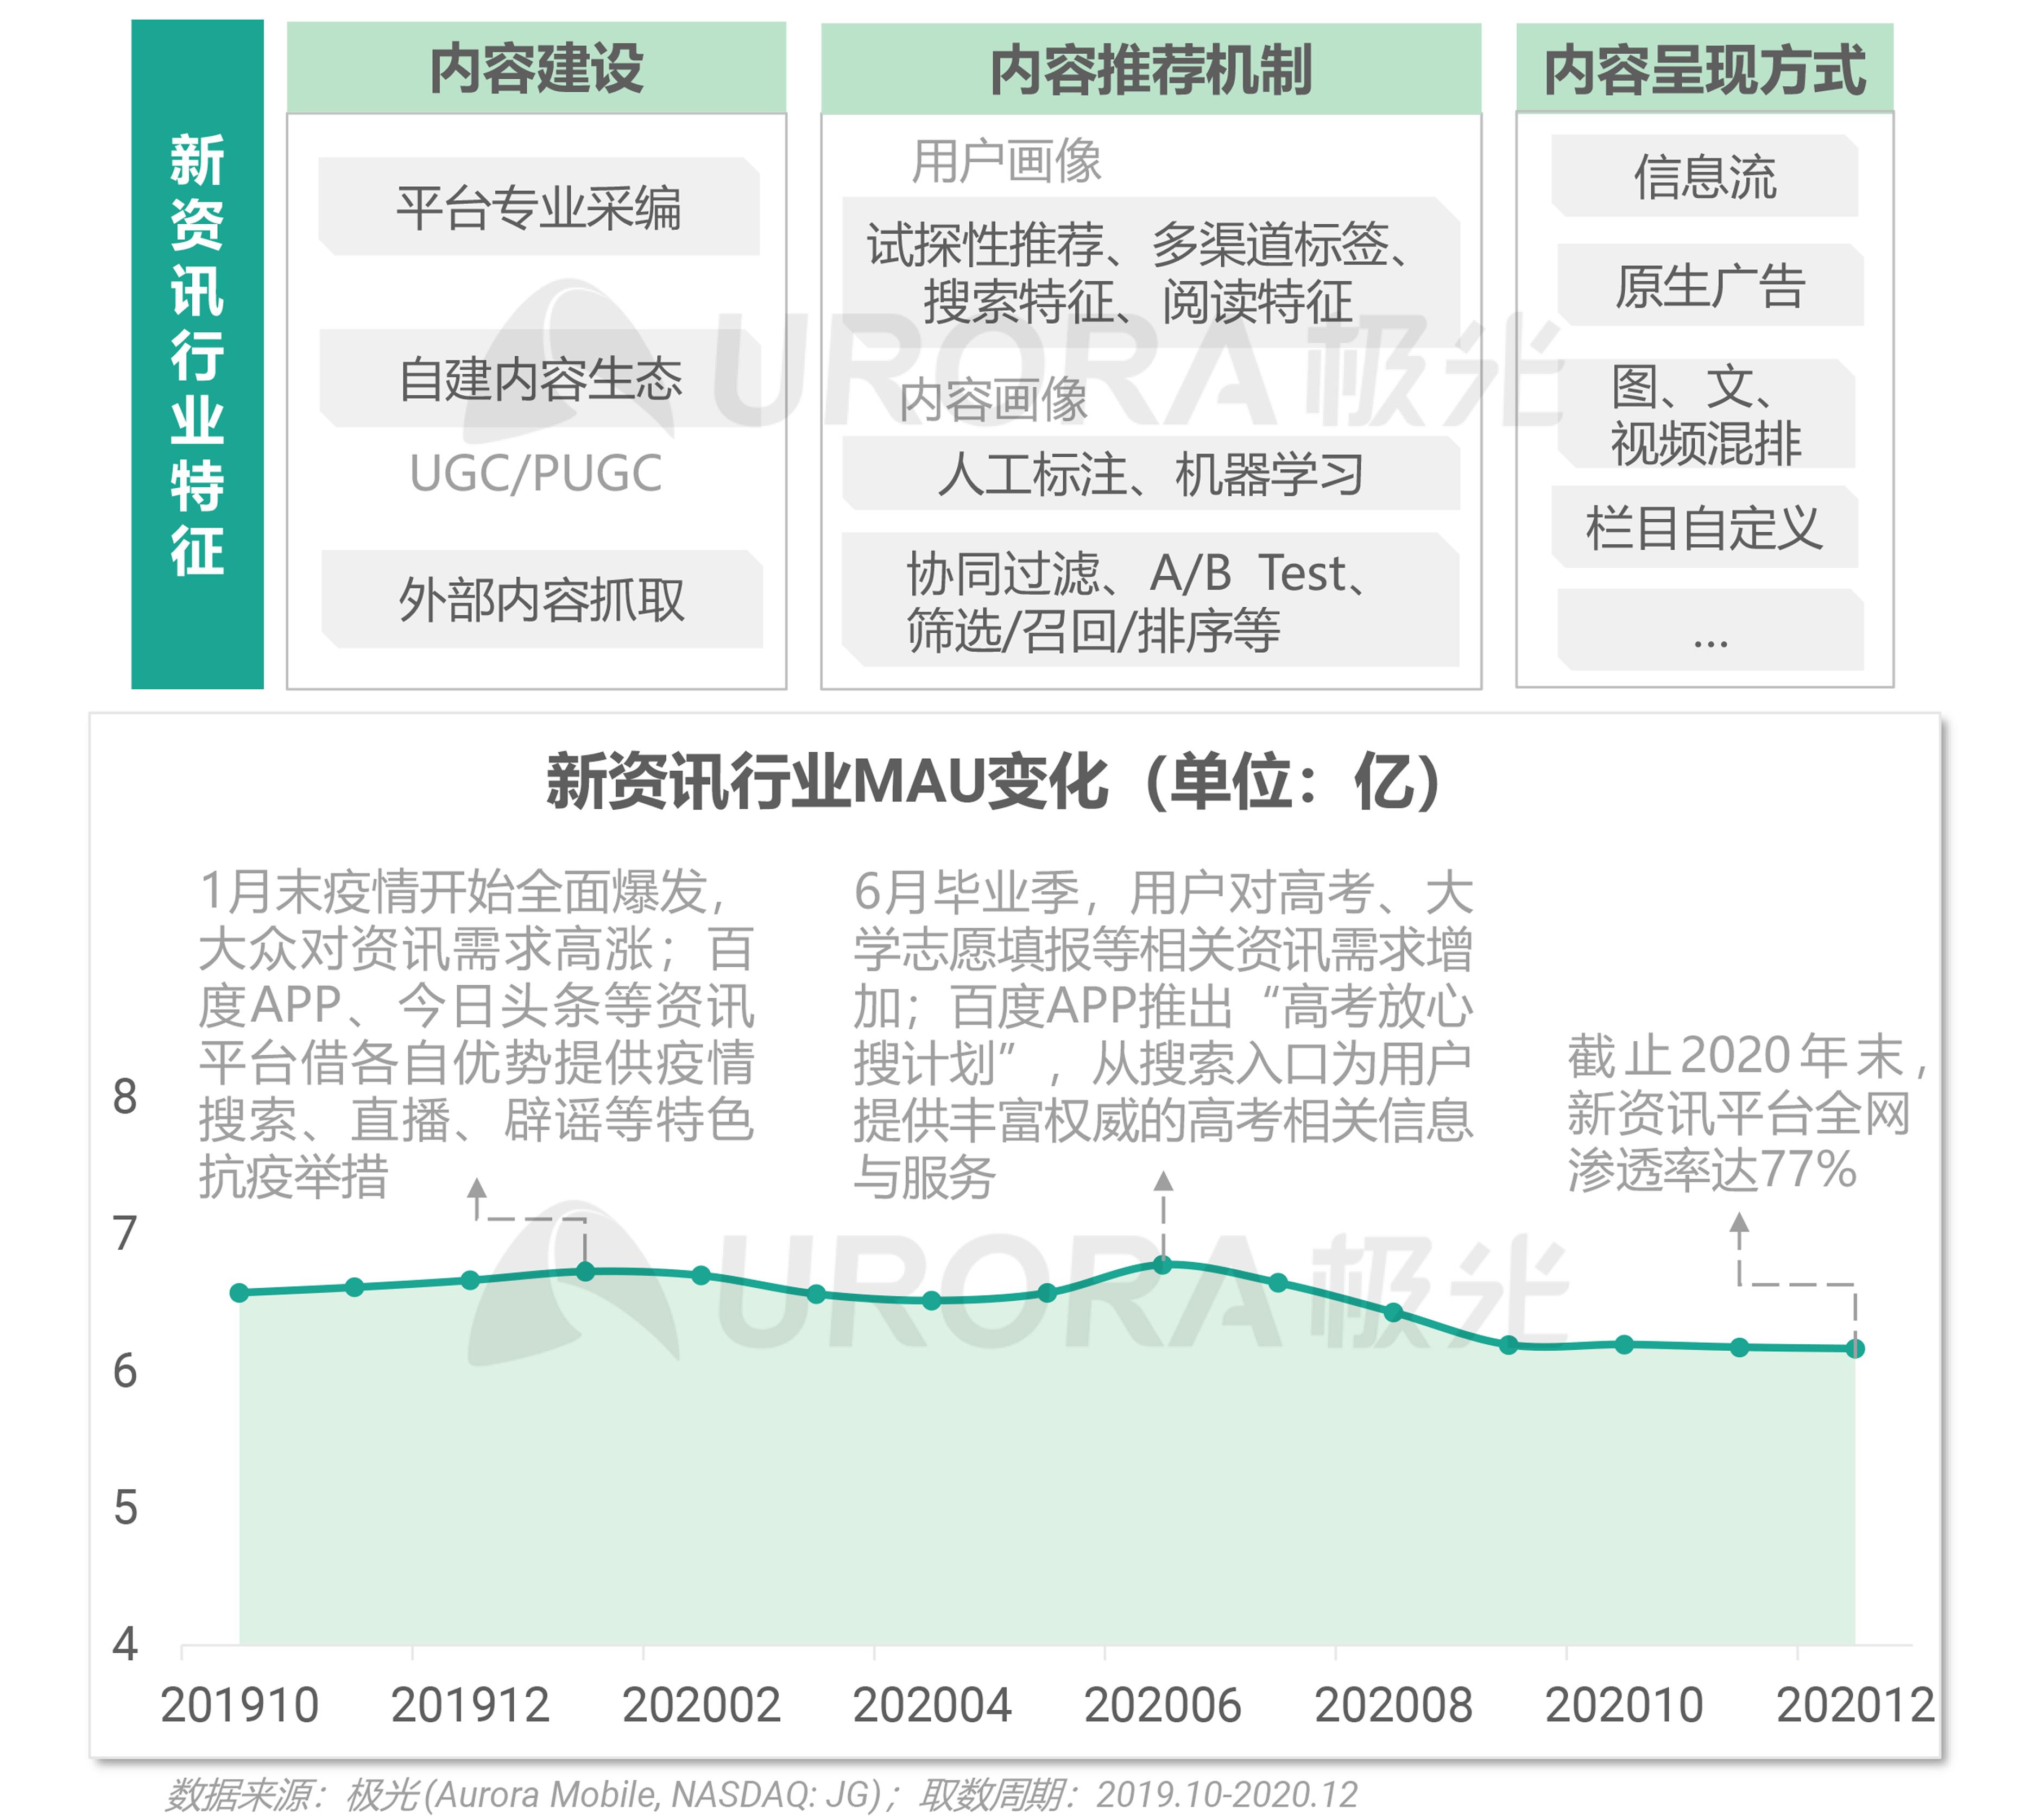 极光:2020年新资讯行业年度盘点报告 (3).png